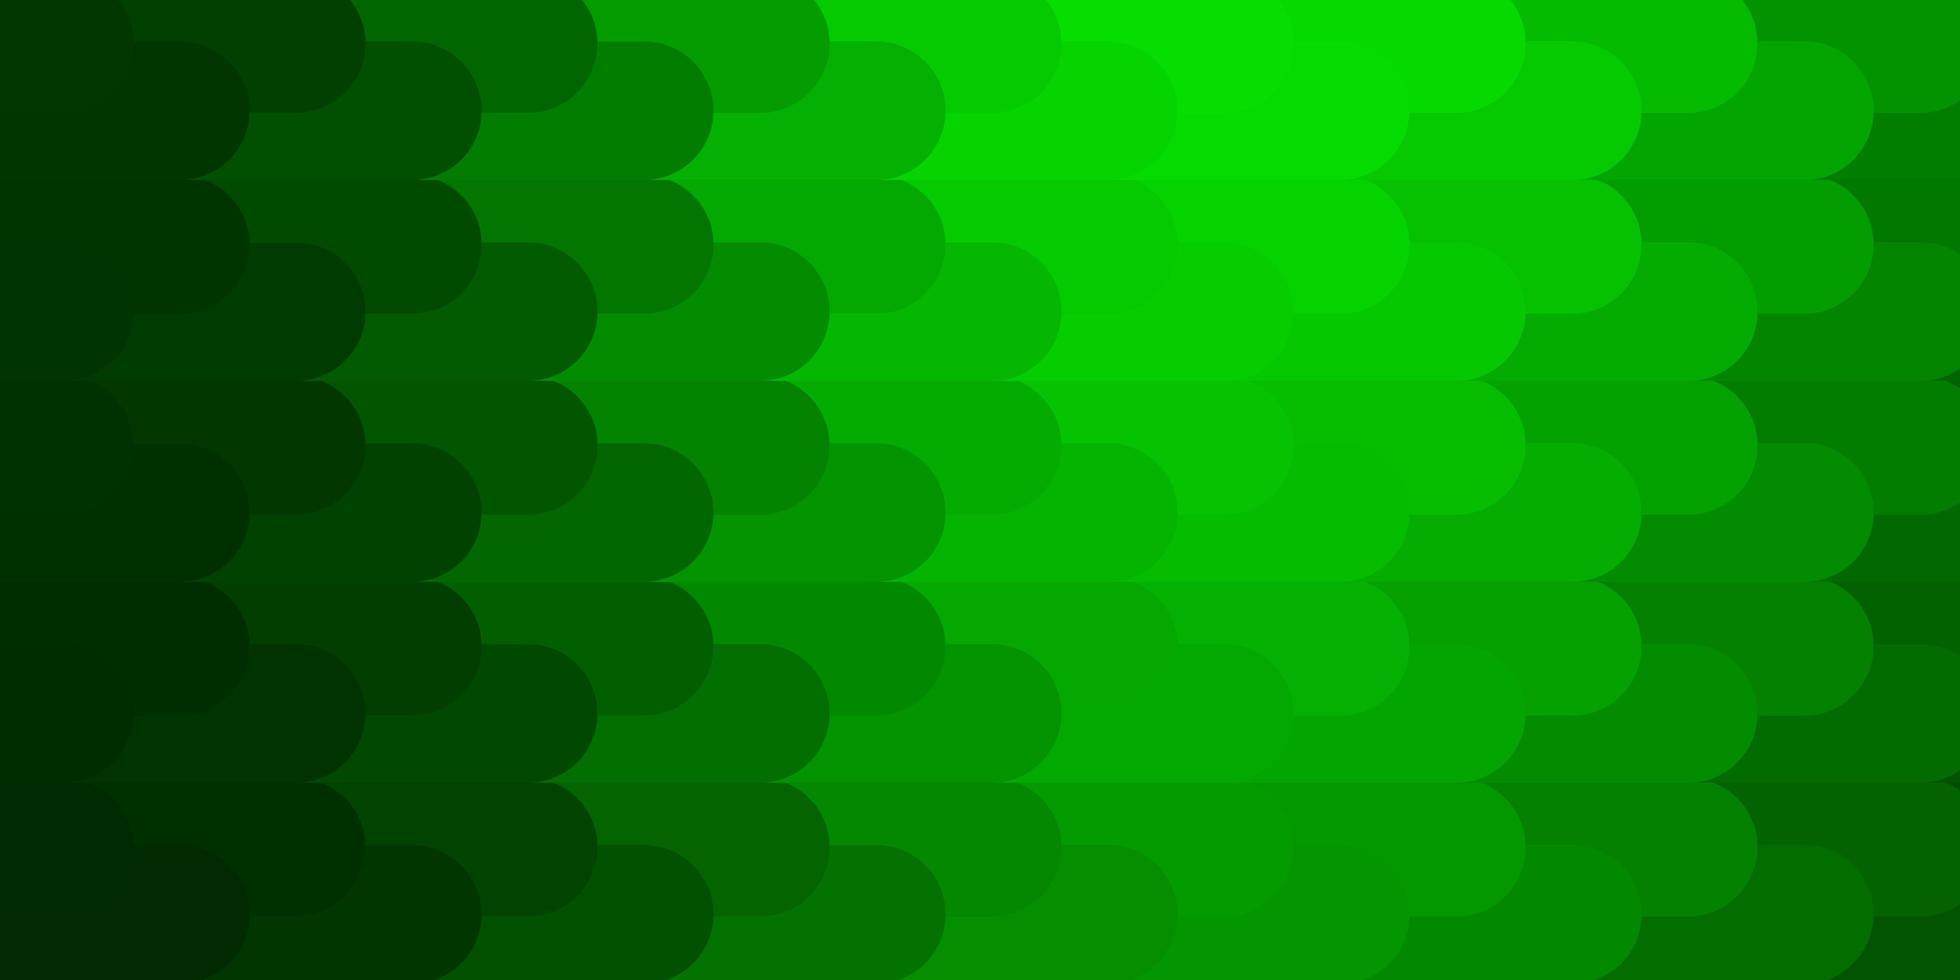 layout de vetor verde claro com linhas.